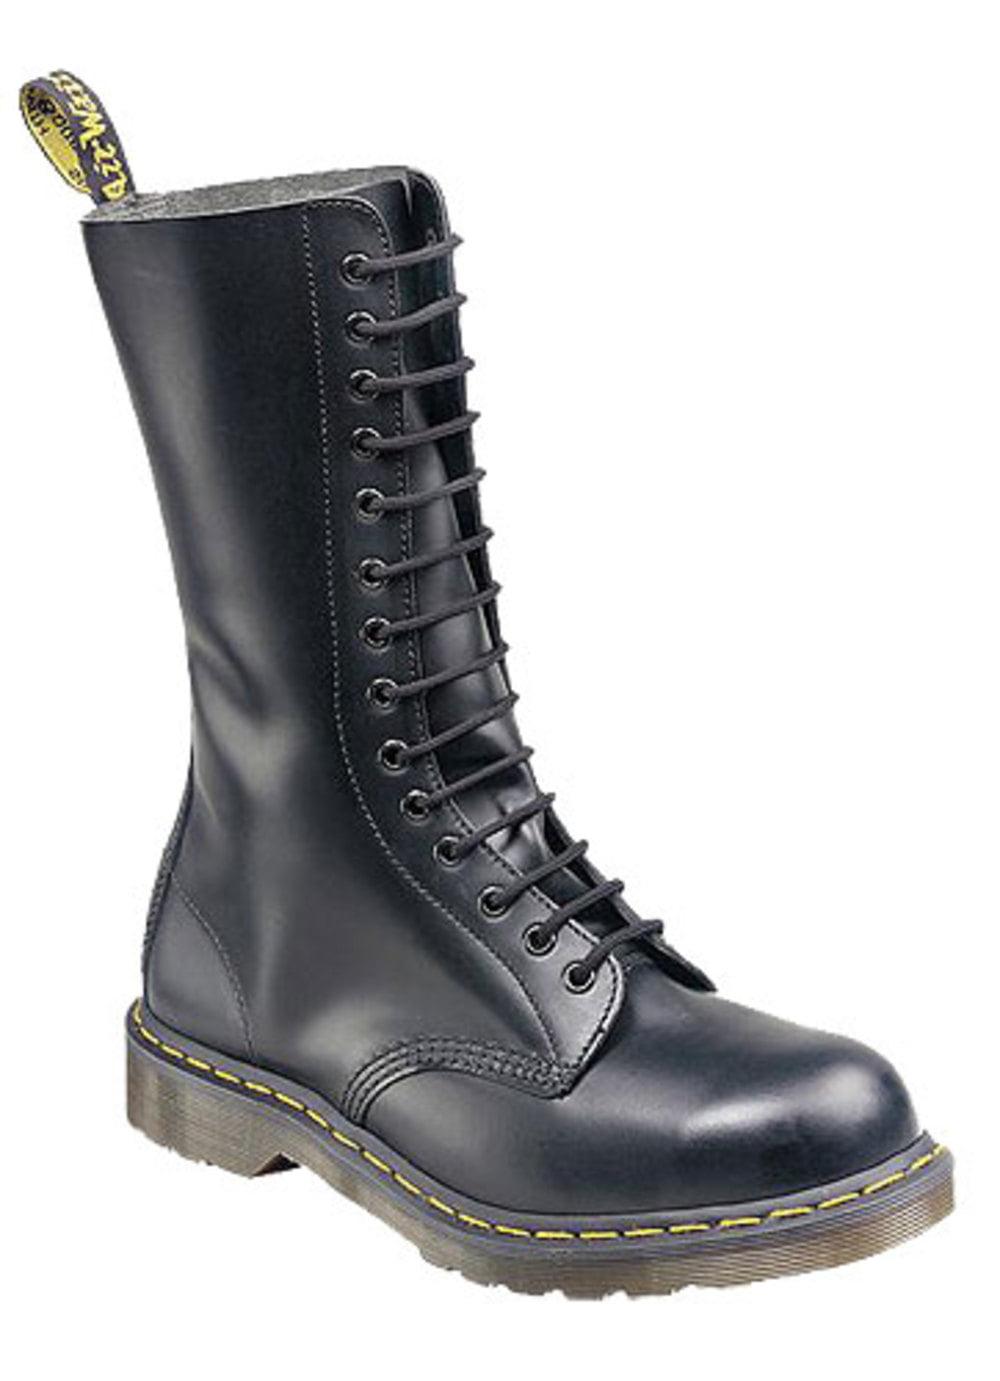 Dr. Martens Men's Boots Black 11 UK   12 US by Dr. Martens